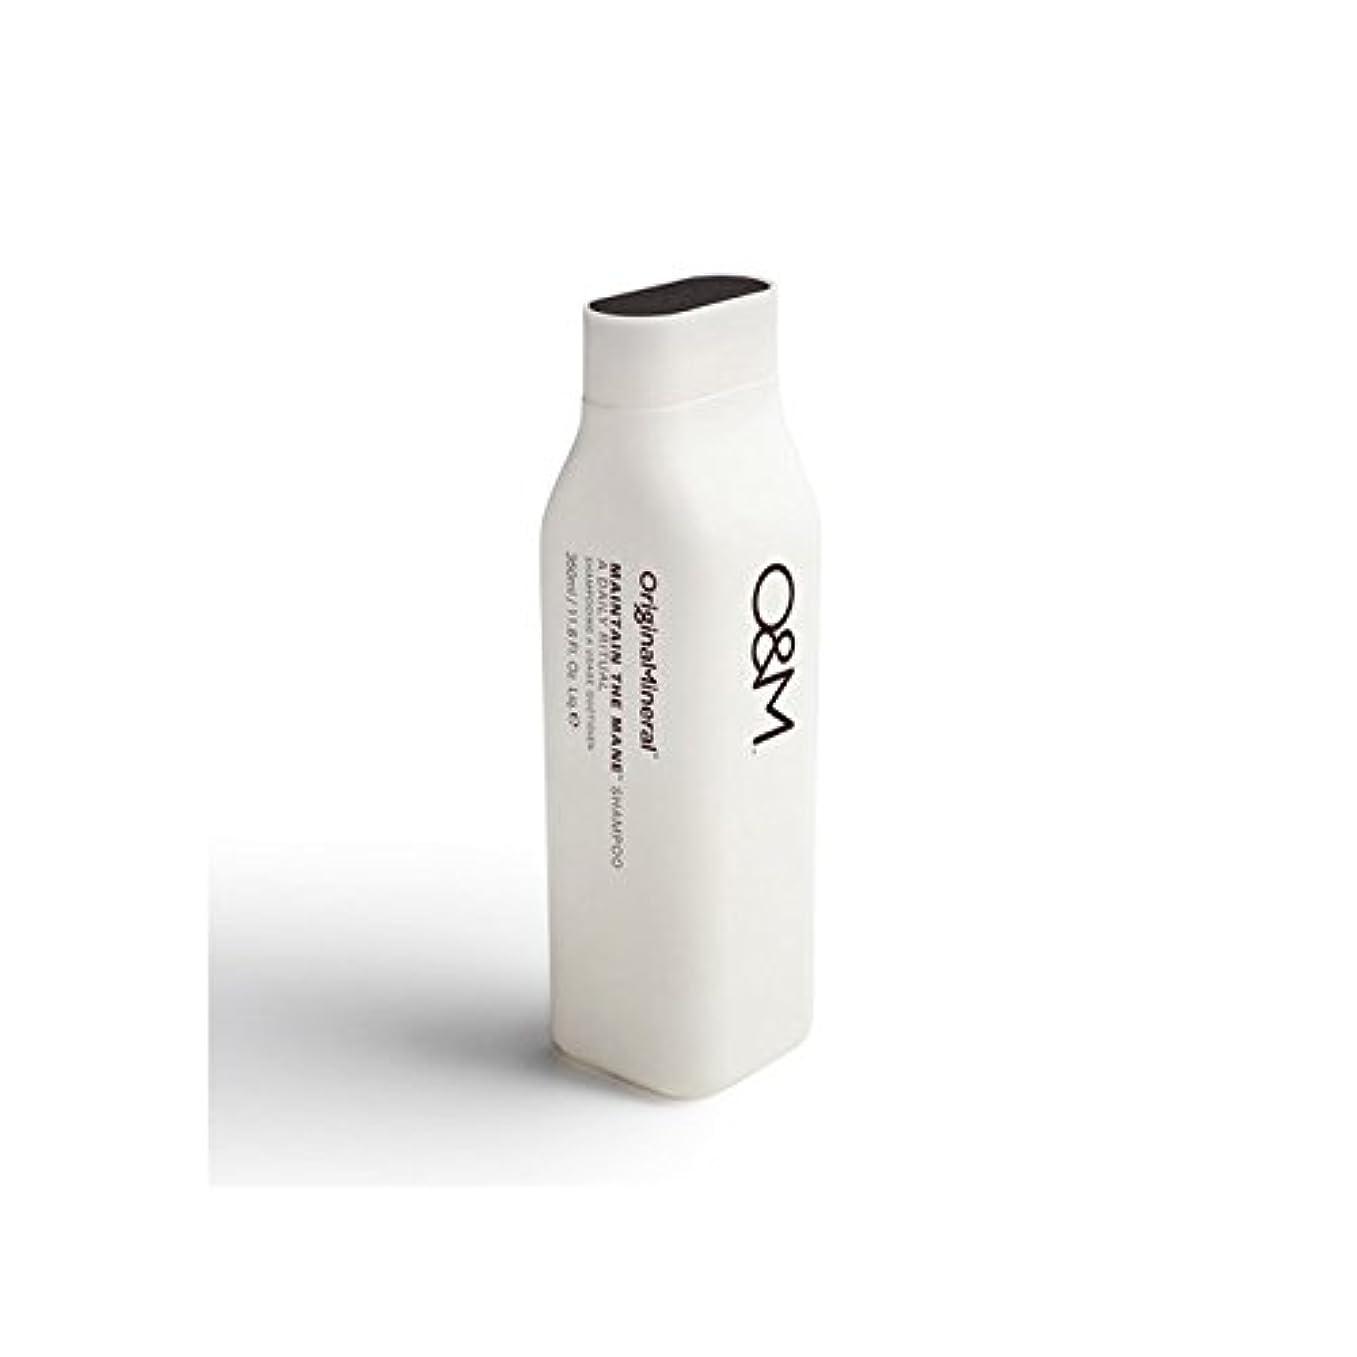 補充否認する盟主Original & Mineral Maintain The Mane Shampoo (350ml) - オリジナル&ミネラルは、たてがみのシャンプー(350ミリリットル)を維持 [並行輸入品]